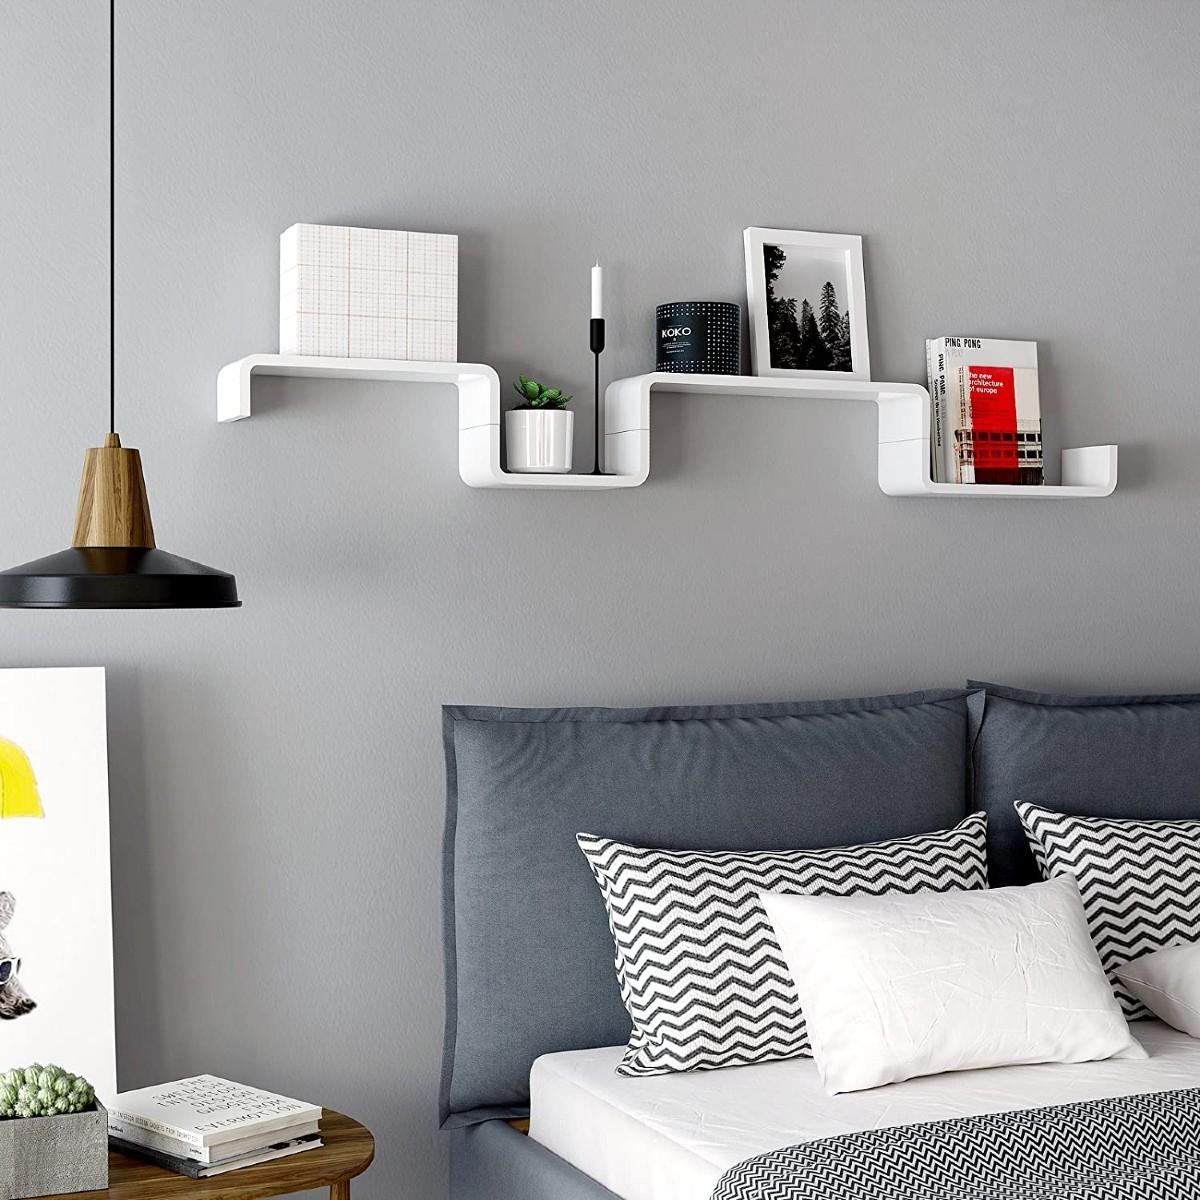 10 decorazioni low cost camera da letto